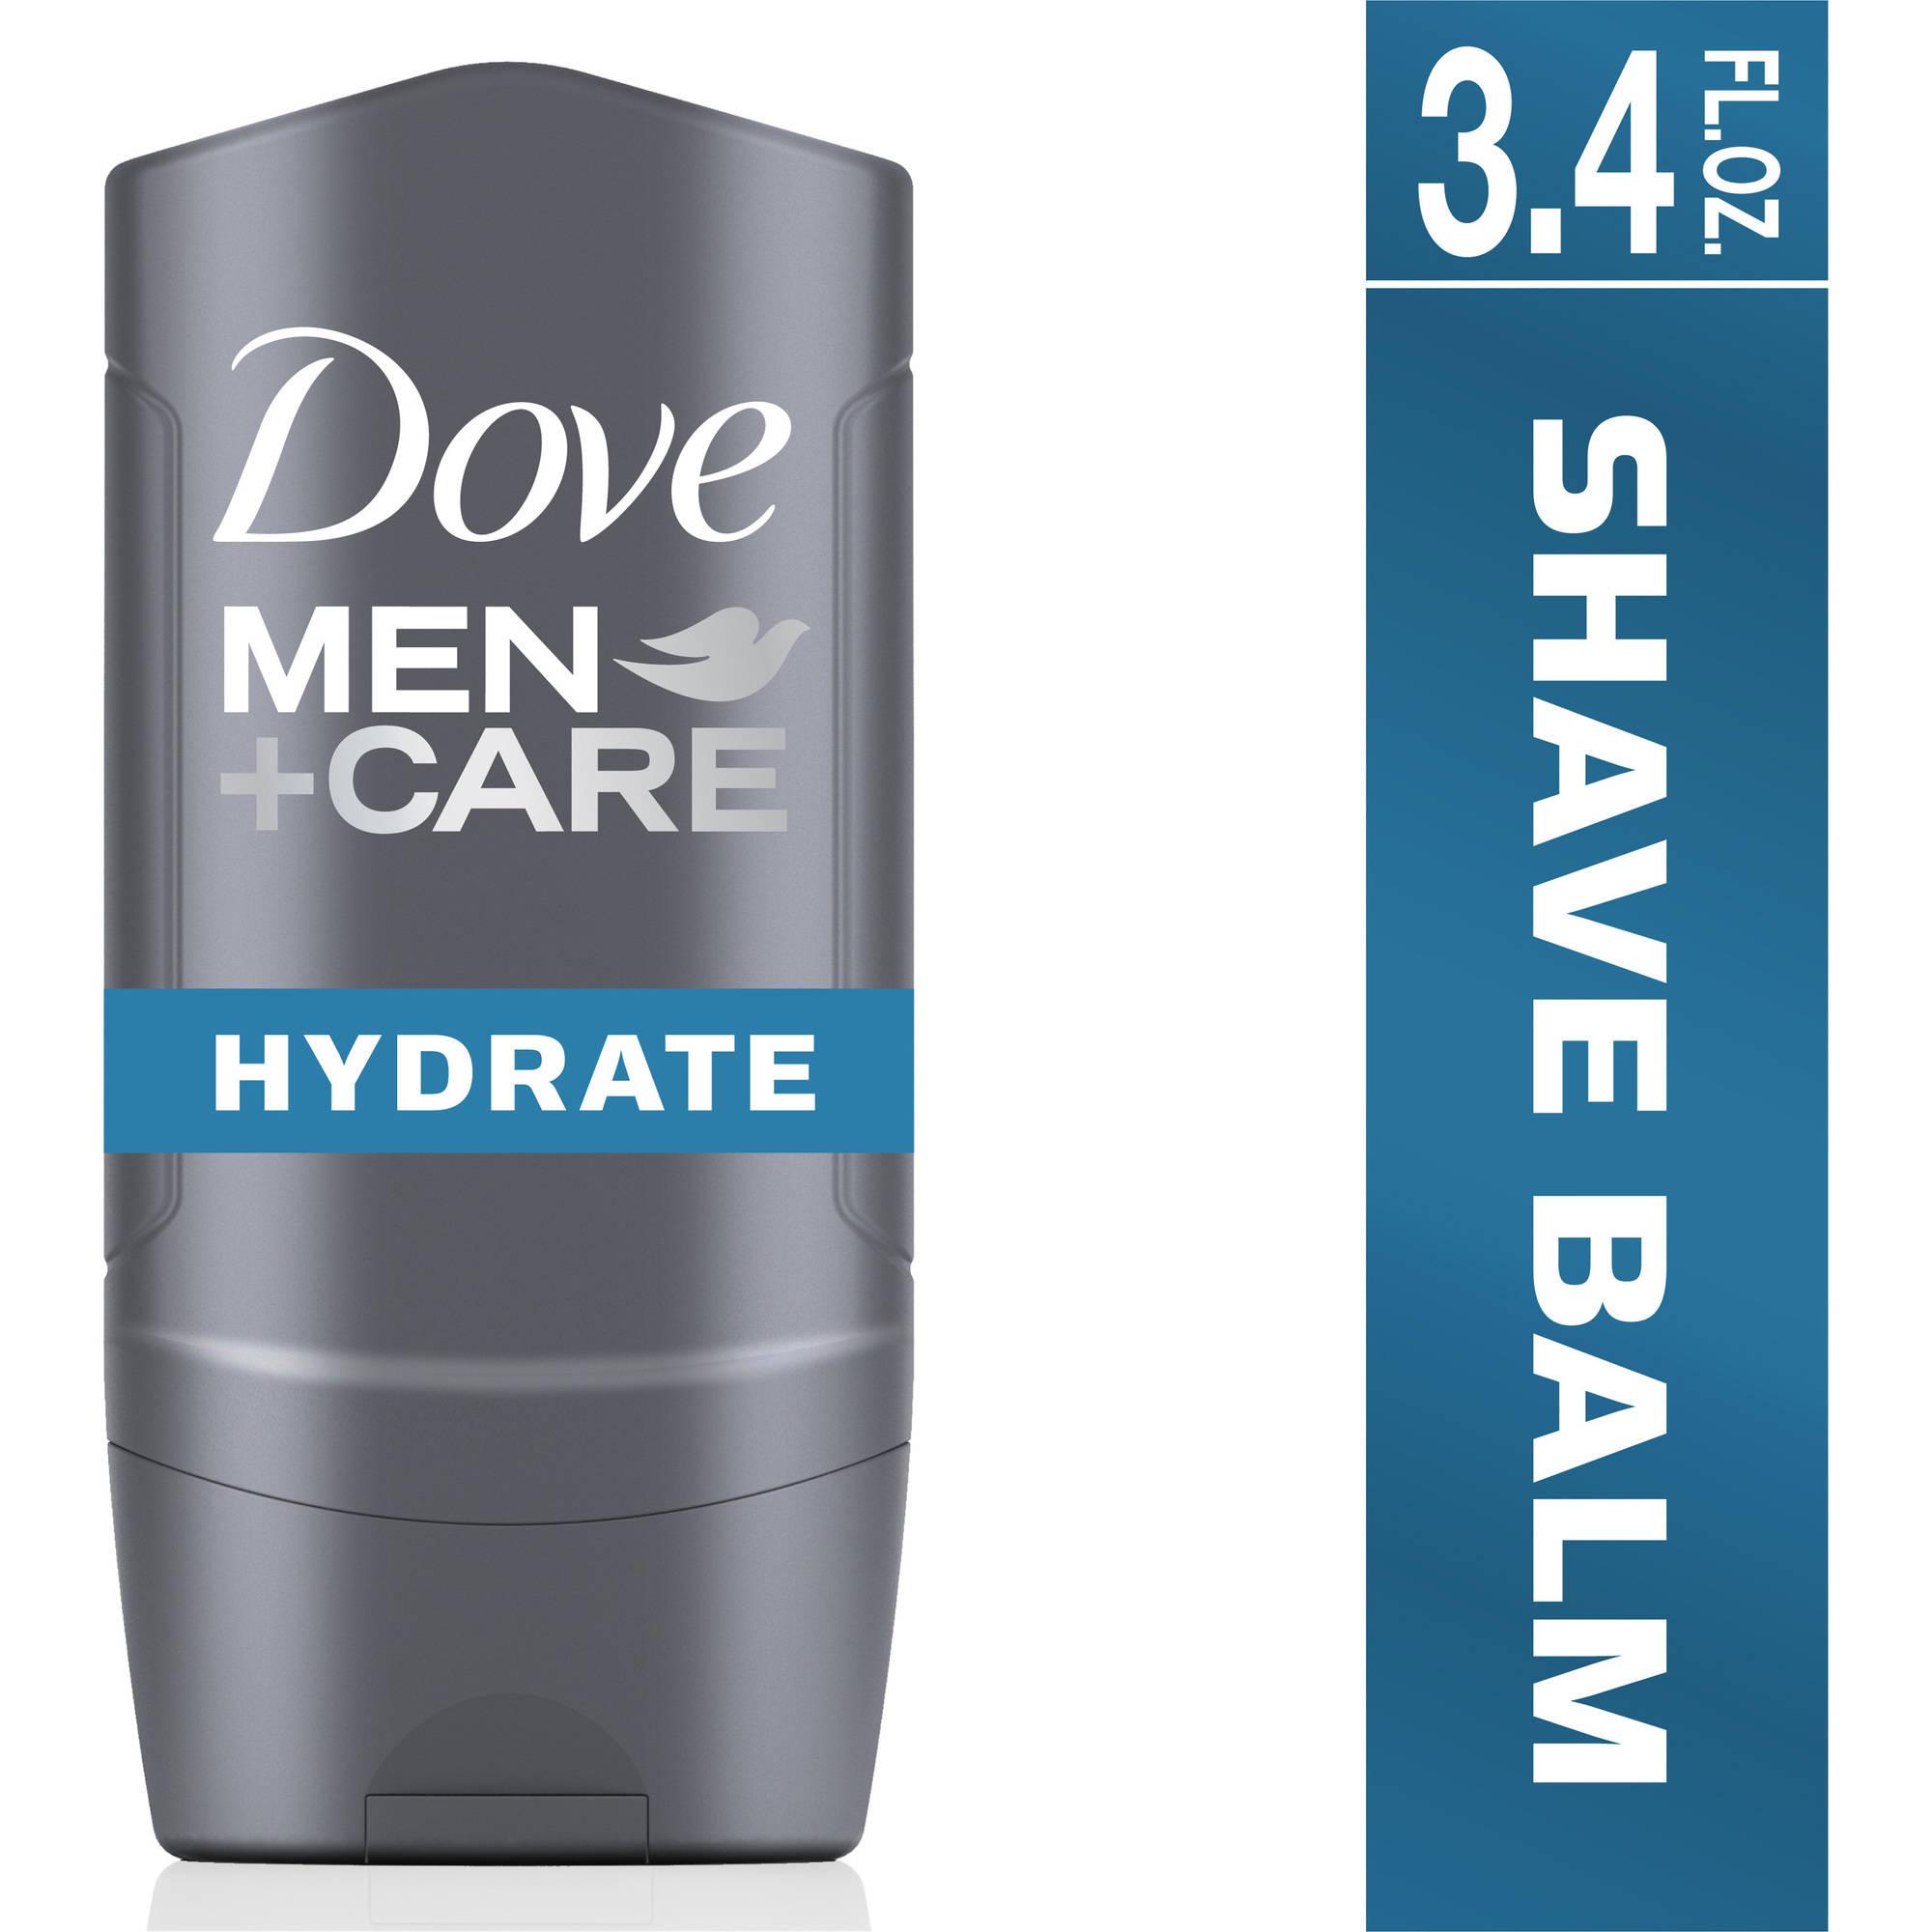 Dove Men+Care Hydrate Plus Post Shave Balm, 3.4 oz